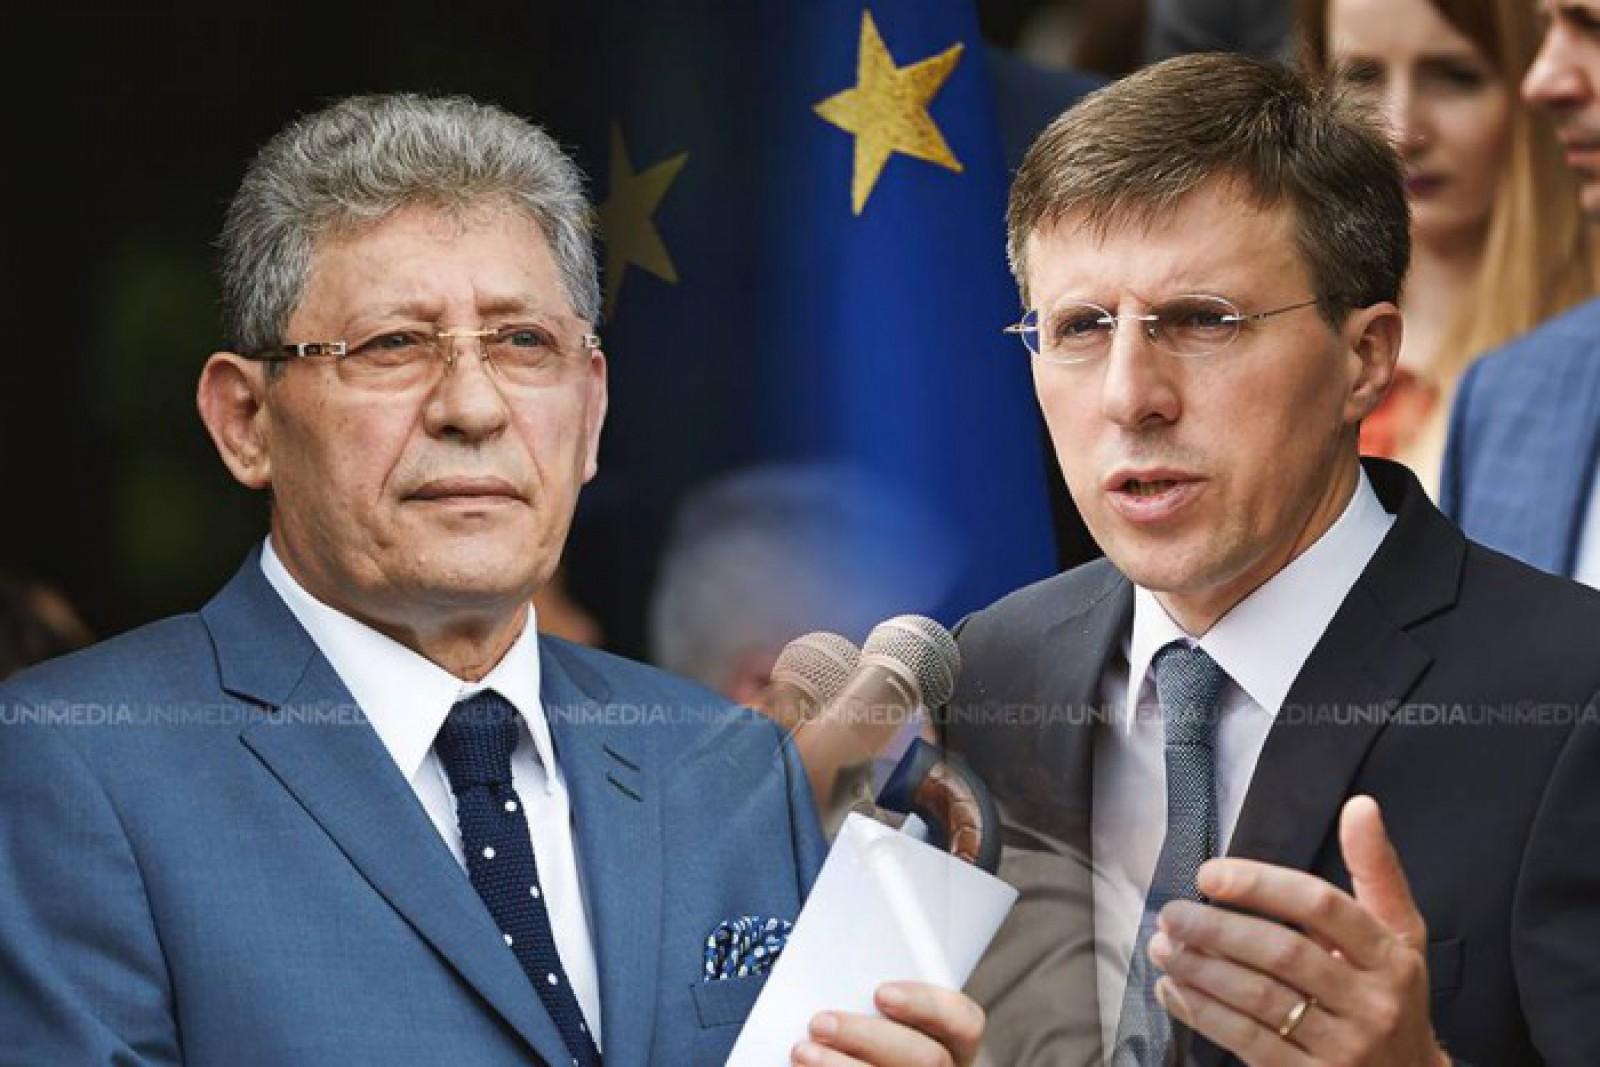 """Dorin Chirtoacă își sărbătorește aniversarea celor 40 de ani. Mihai Ghimpu: """"Unii au ajuns să devină compozitori, fotbaliști renumiți, prim-miniștri; dar puțini din ei au ajuns să fie Primari Generali la vârsta de 28 ani"""""""